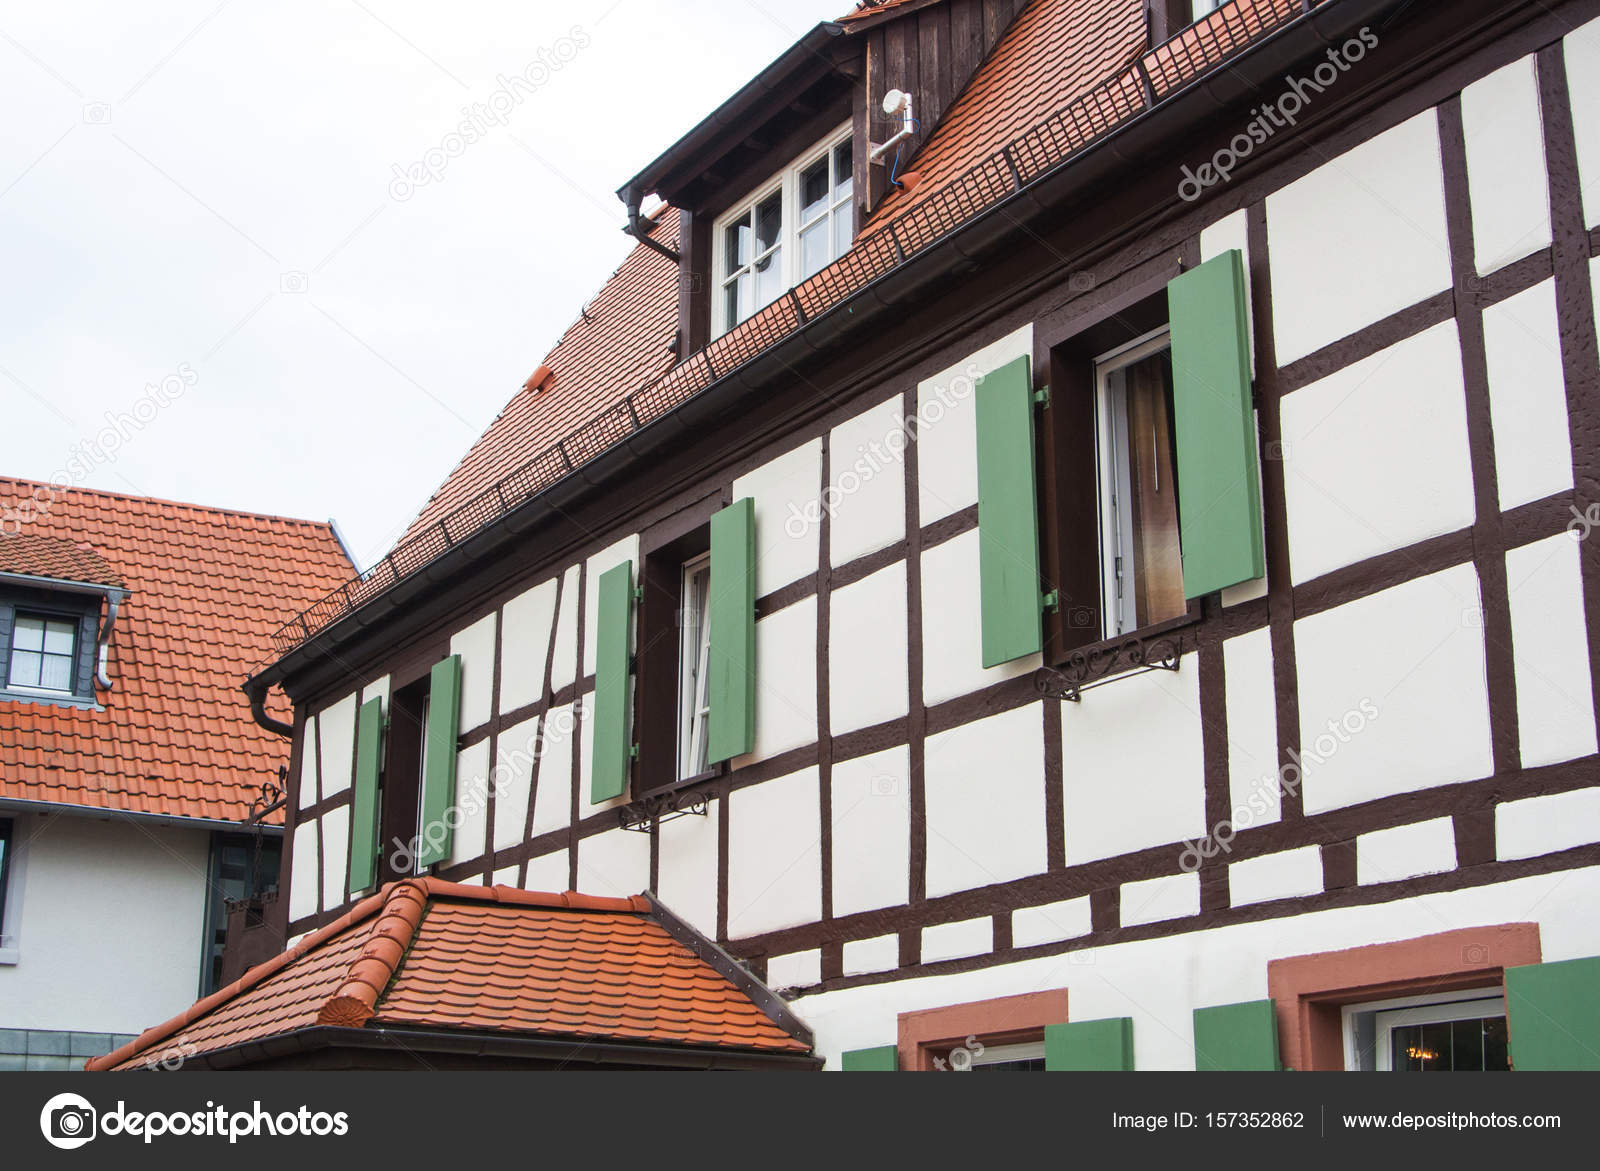 Traditioneel duits dorp vakwerkhuis met houten decoratie en groene